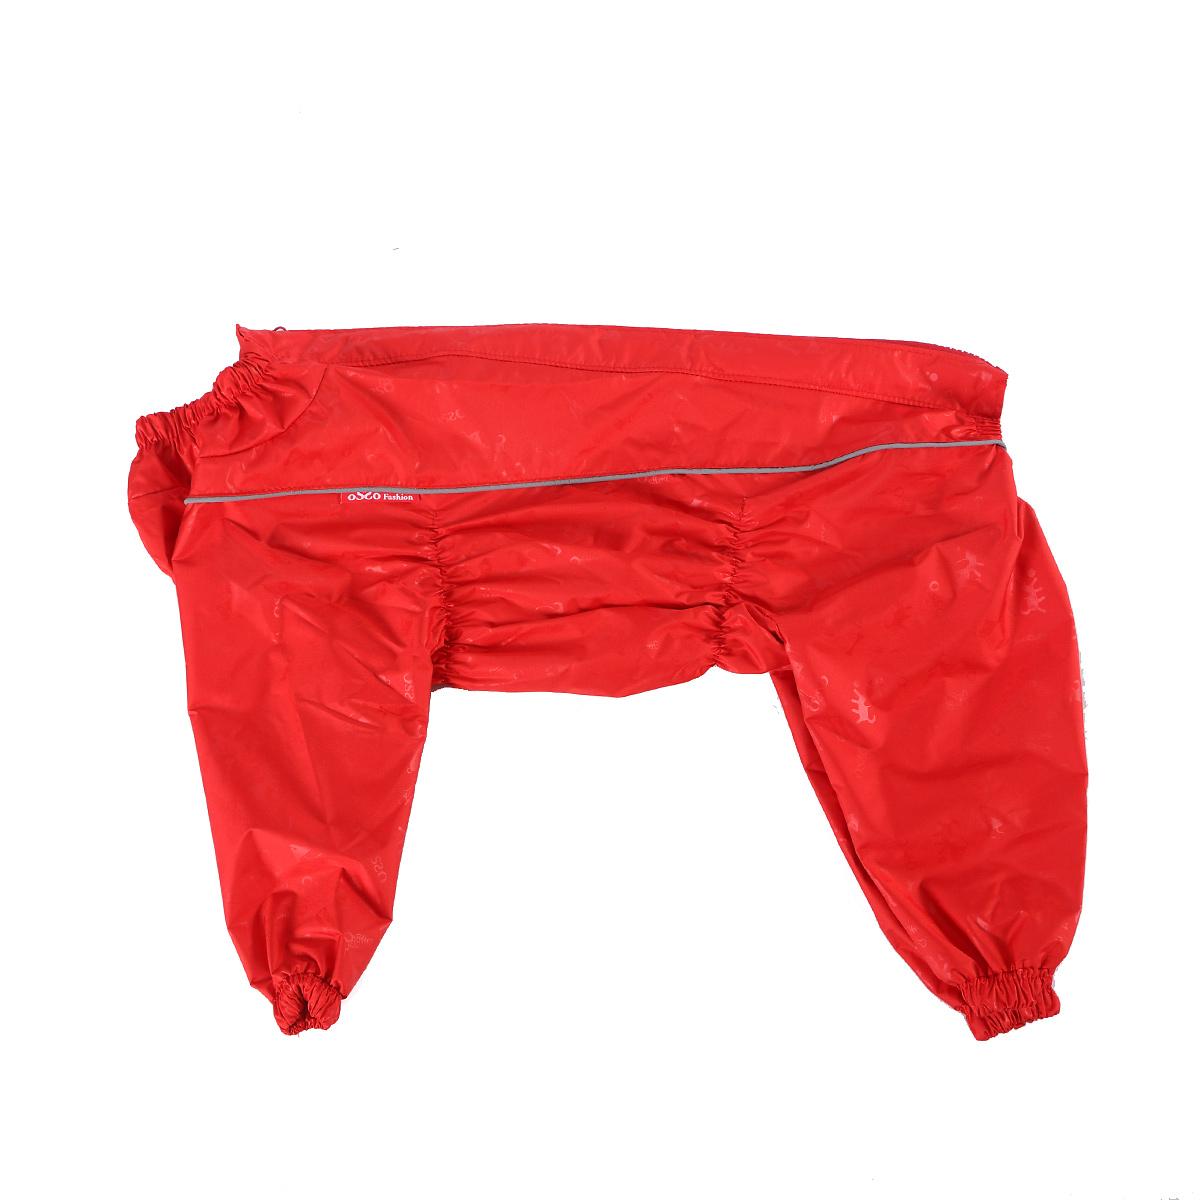 Комбинезон для собак OSSO Fashion, для девочки, цвет: красный. Размер 65К-1033-красныйКомбинезон для собак OSSO Fashion изготовлен без подкладки из водоотталкивающей и ветрозащитной ткани (100% полиэстер). Комбинезон предназначен для прогулок в межсезонье, в сырую погоду для защиты собаки от грязи и воды. В комбинезоне используется отделка со светоотражающим кантом и тракторная молния со светоотражающей полосой. Комбинезон для собак эргономичен, удобен, не сковывает движений собаки при беге, во время игры и при дрессировке. Комфортная посадка по корпусу достигается за счет резинок-утяжек под грудью и животом. На воротнике имеется кнопка для фиксации. От попадания воды и грязи внутрь комбинезона низы штанин собраны на резинку. Рекомендуется машинная стирка с использованием средства для стирки деликатных тканей при температуре не выше 40°С и загрузке барабана не более чем на 40% от его объема, отжим при скорости не более 400/500 об/мин, сушка на воздухе - с целью уменьшения воздействия на водоотталкивающую (PU) пропитку ткани. Рекомендации по подбору размера:размер подбирается по длине спины собаки. Она измеряется от холки (от места где сходятся лопатки) до основания хвоста, в стоячем положении. Предупреждение: не измеряйте длину спины от шеи, только от холки. Воротник в расчет длины спины комбинезона не входит.